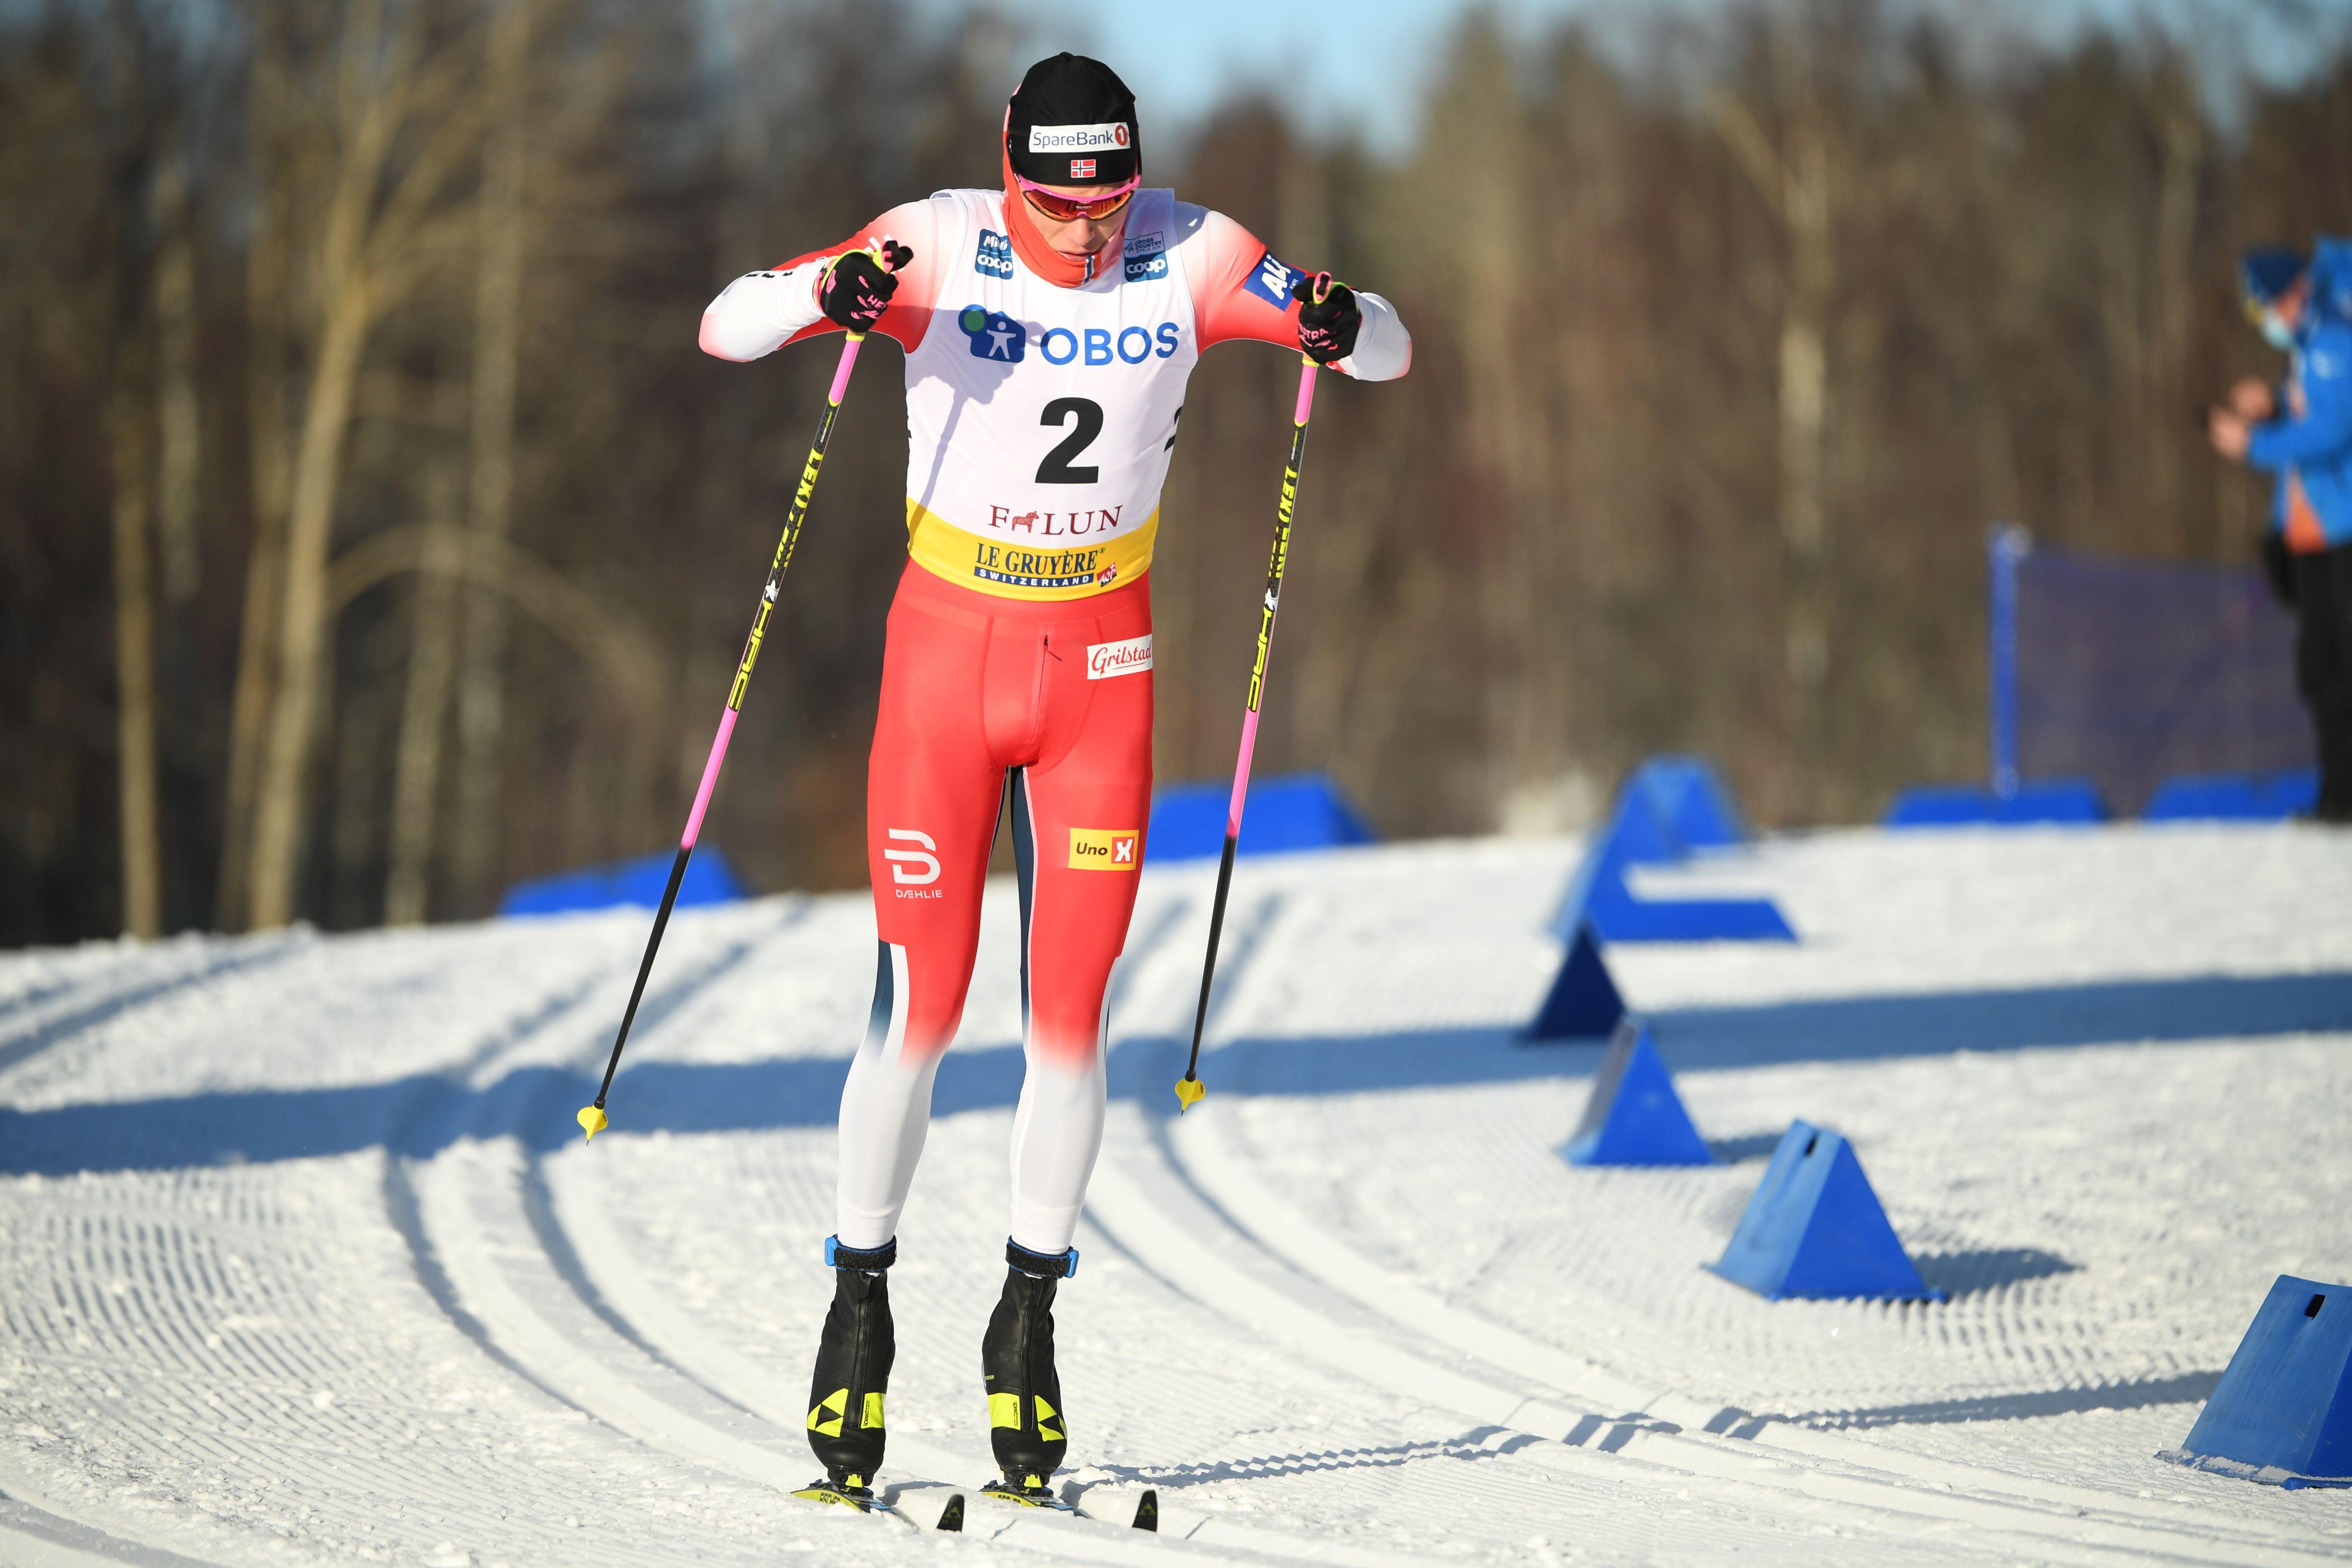 Норвежский лыжник Вальнес - о словах Клебо: 'Я не куплюсь на психологическую войну'